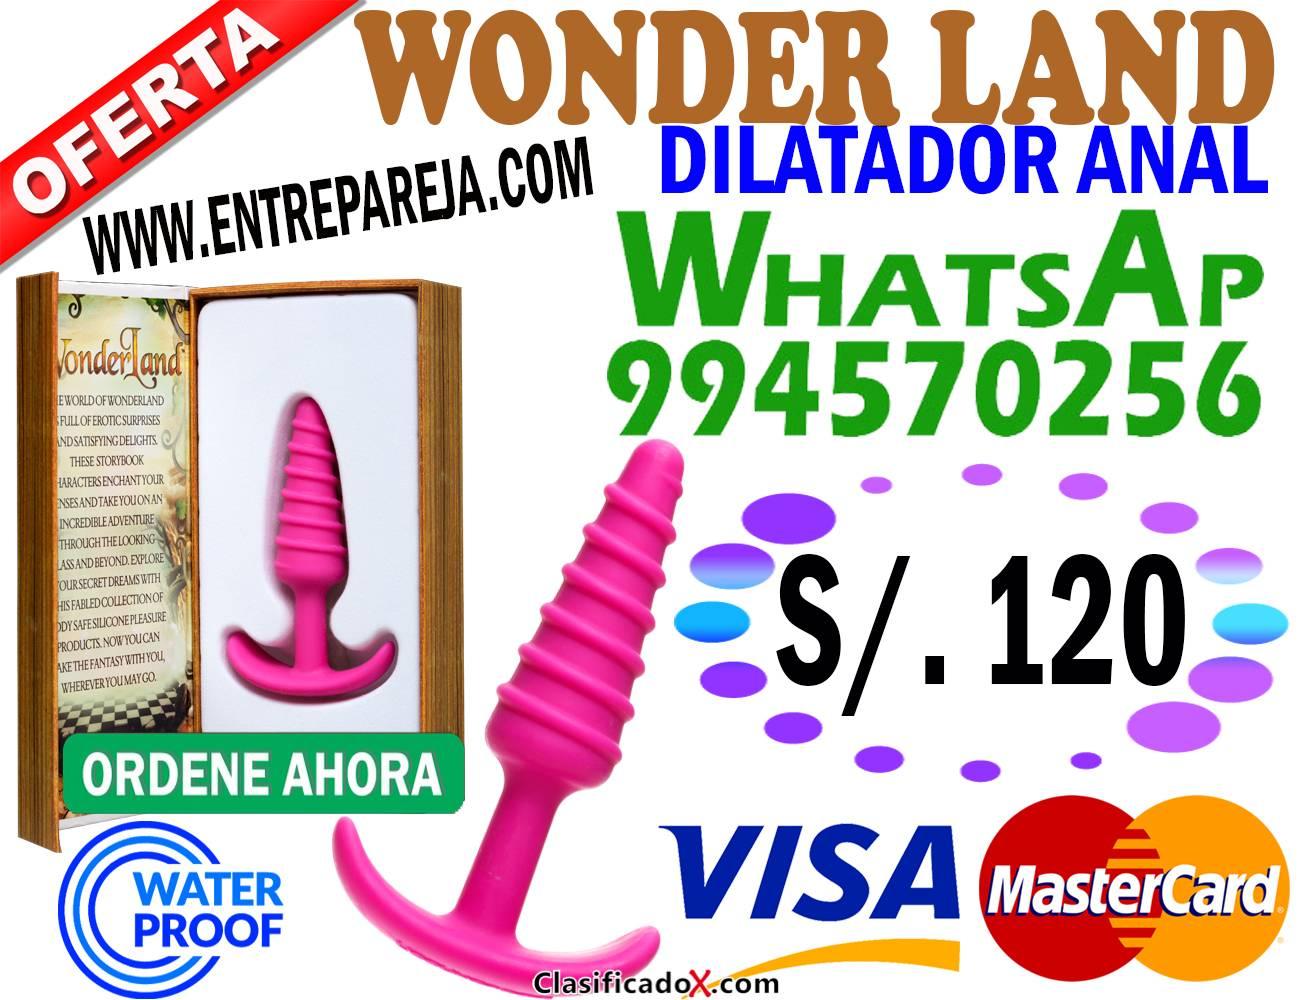 dildos anales juega en pareja - sola sexshop ofertas 994570256